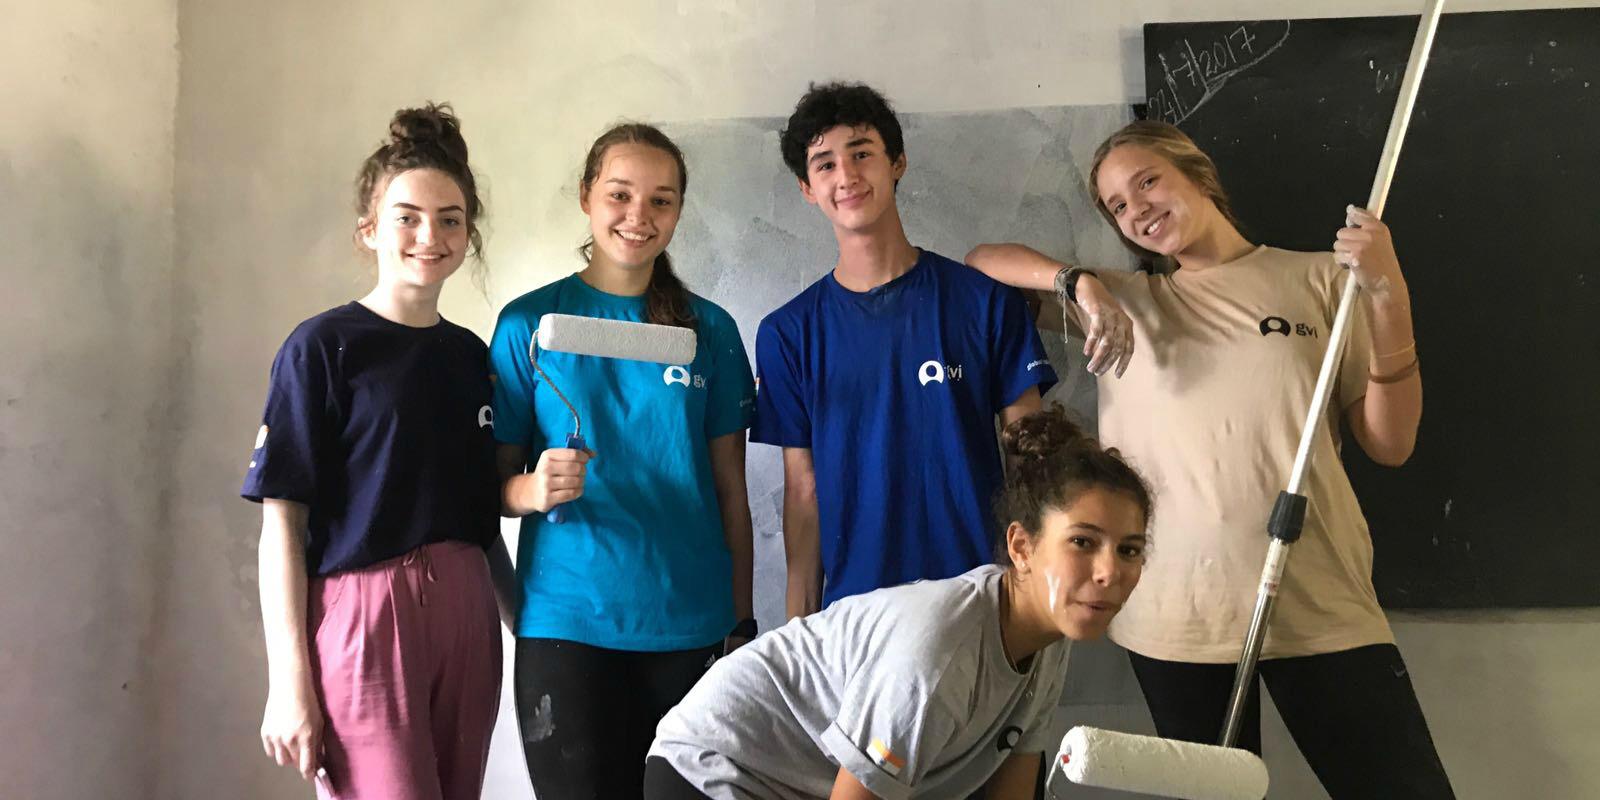 volunteer opportunities for teens